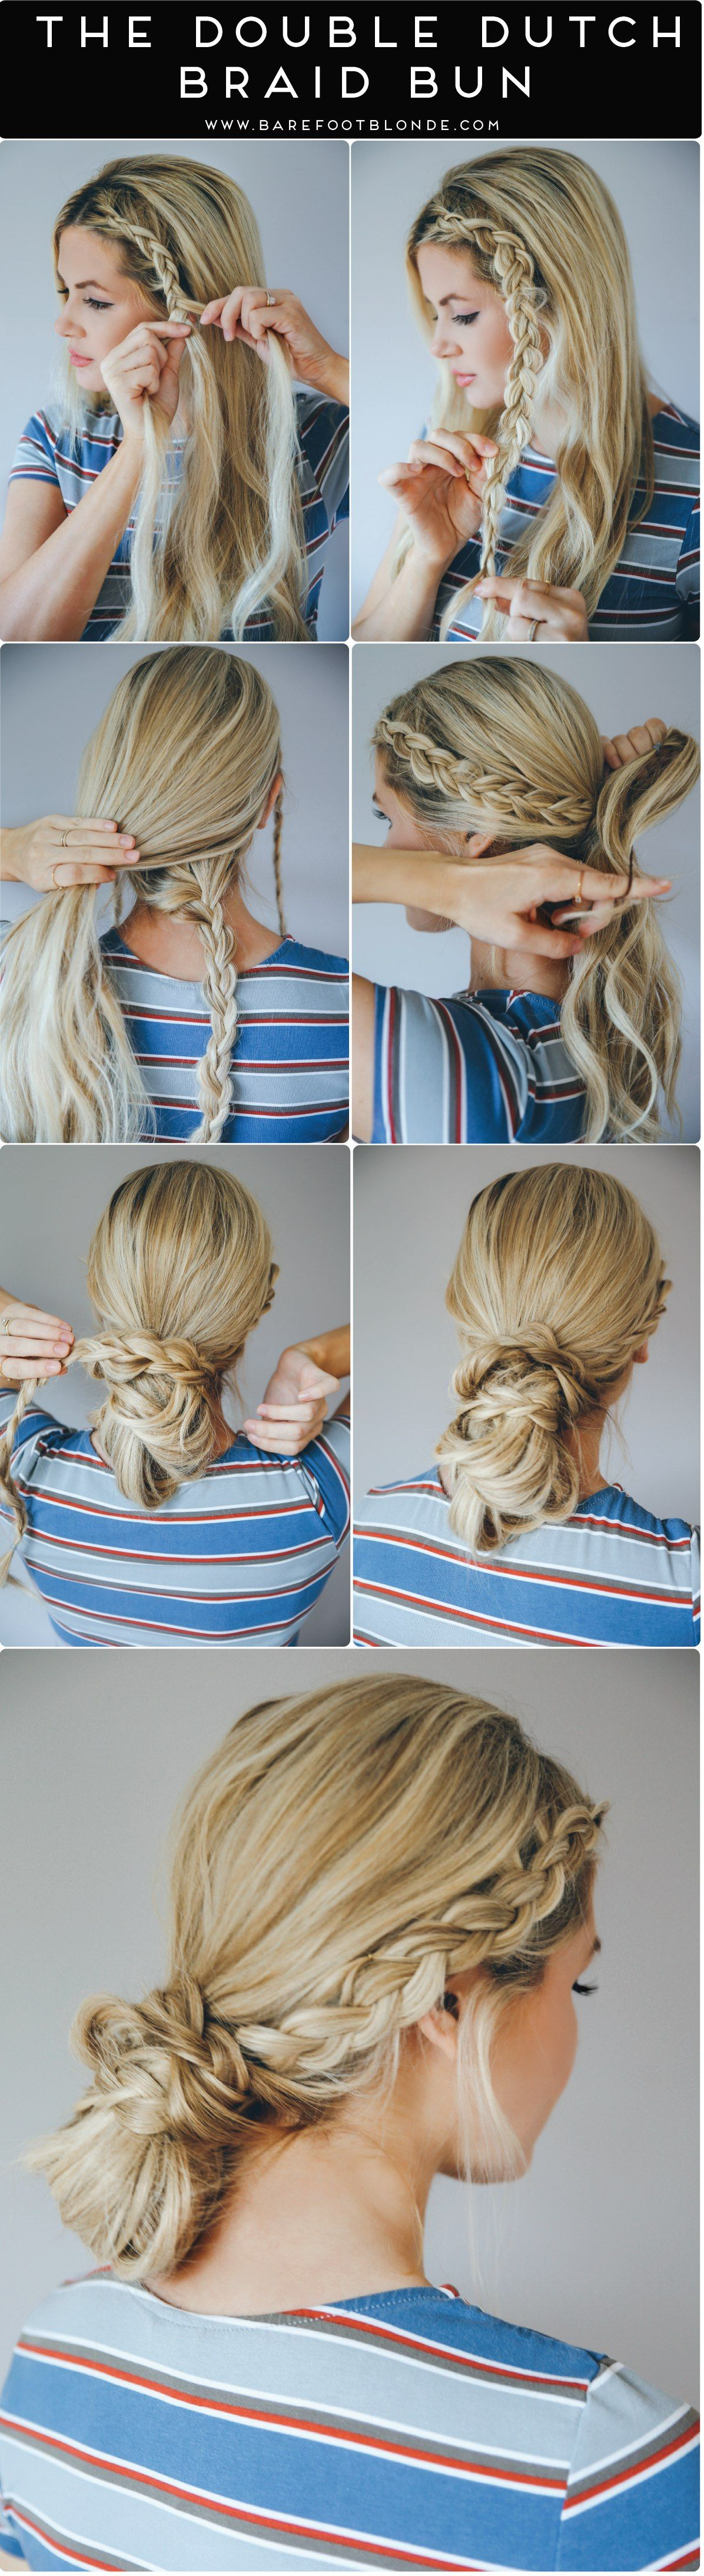 gorgeous beach hair ideas for summer dutch braid bun double